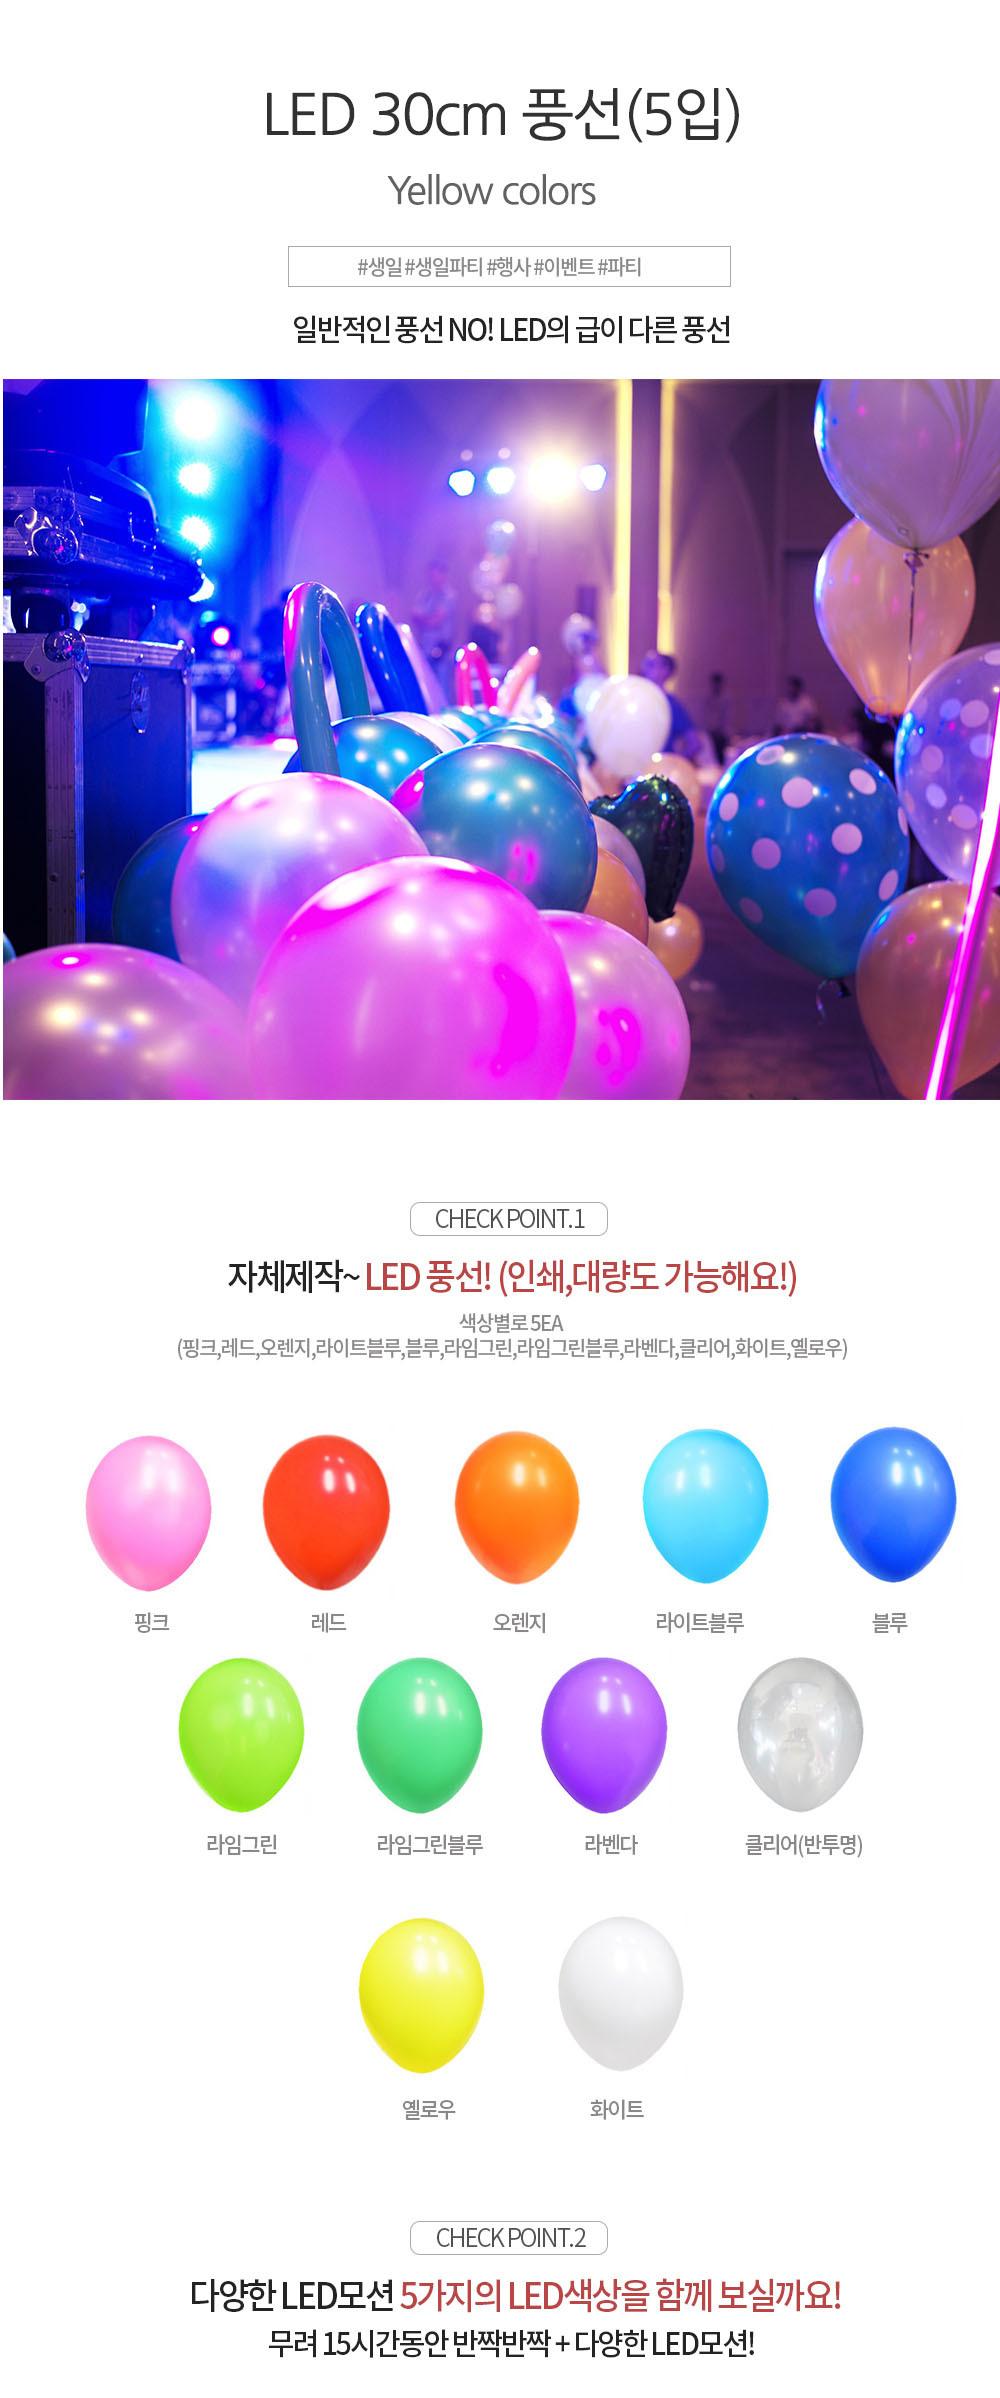 LED 30cm 옐로우풍선 - 파티클럽, 4,000원, 파티용품, 풍선/세트